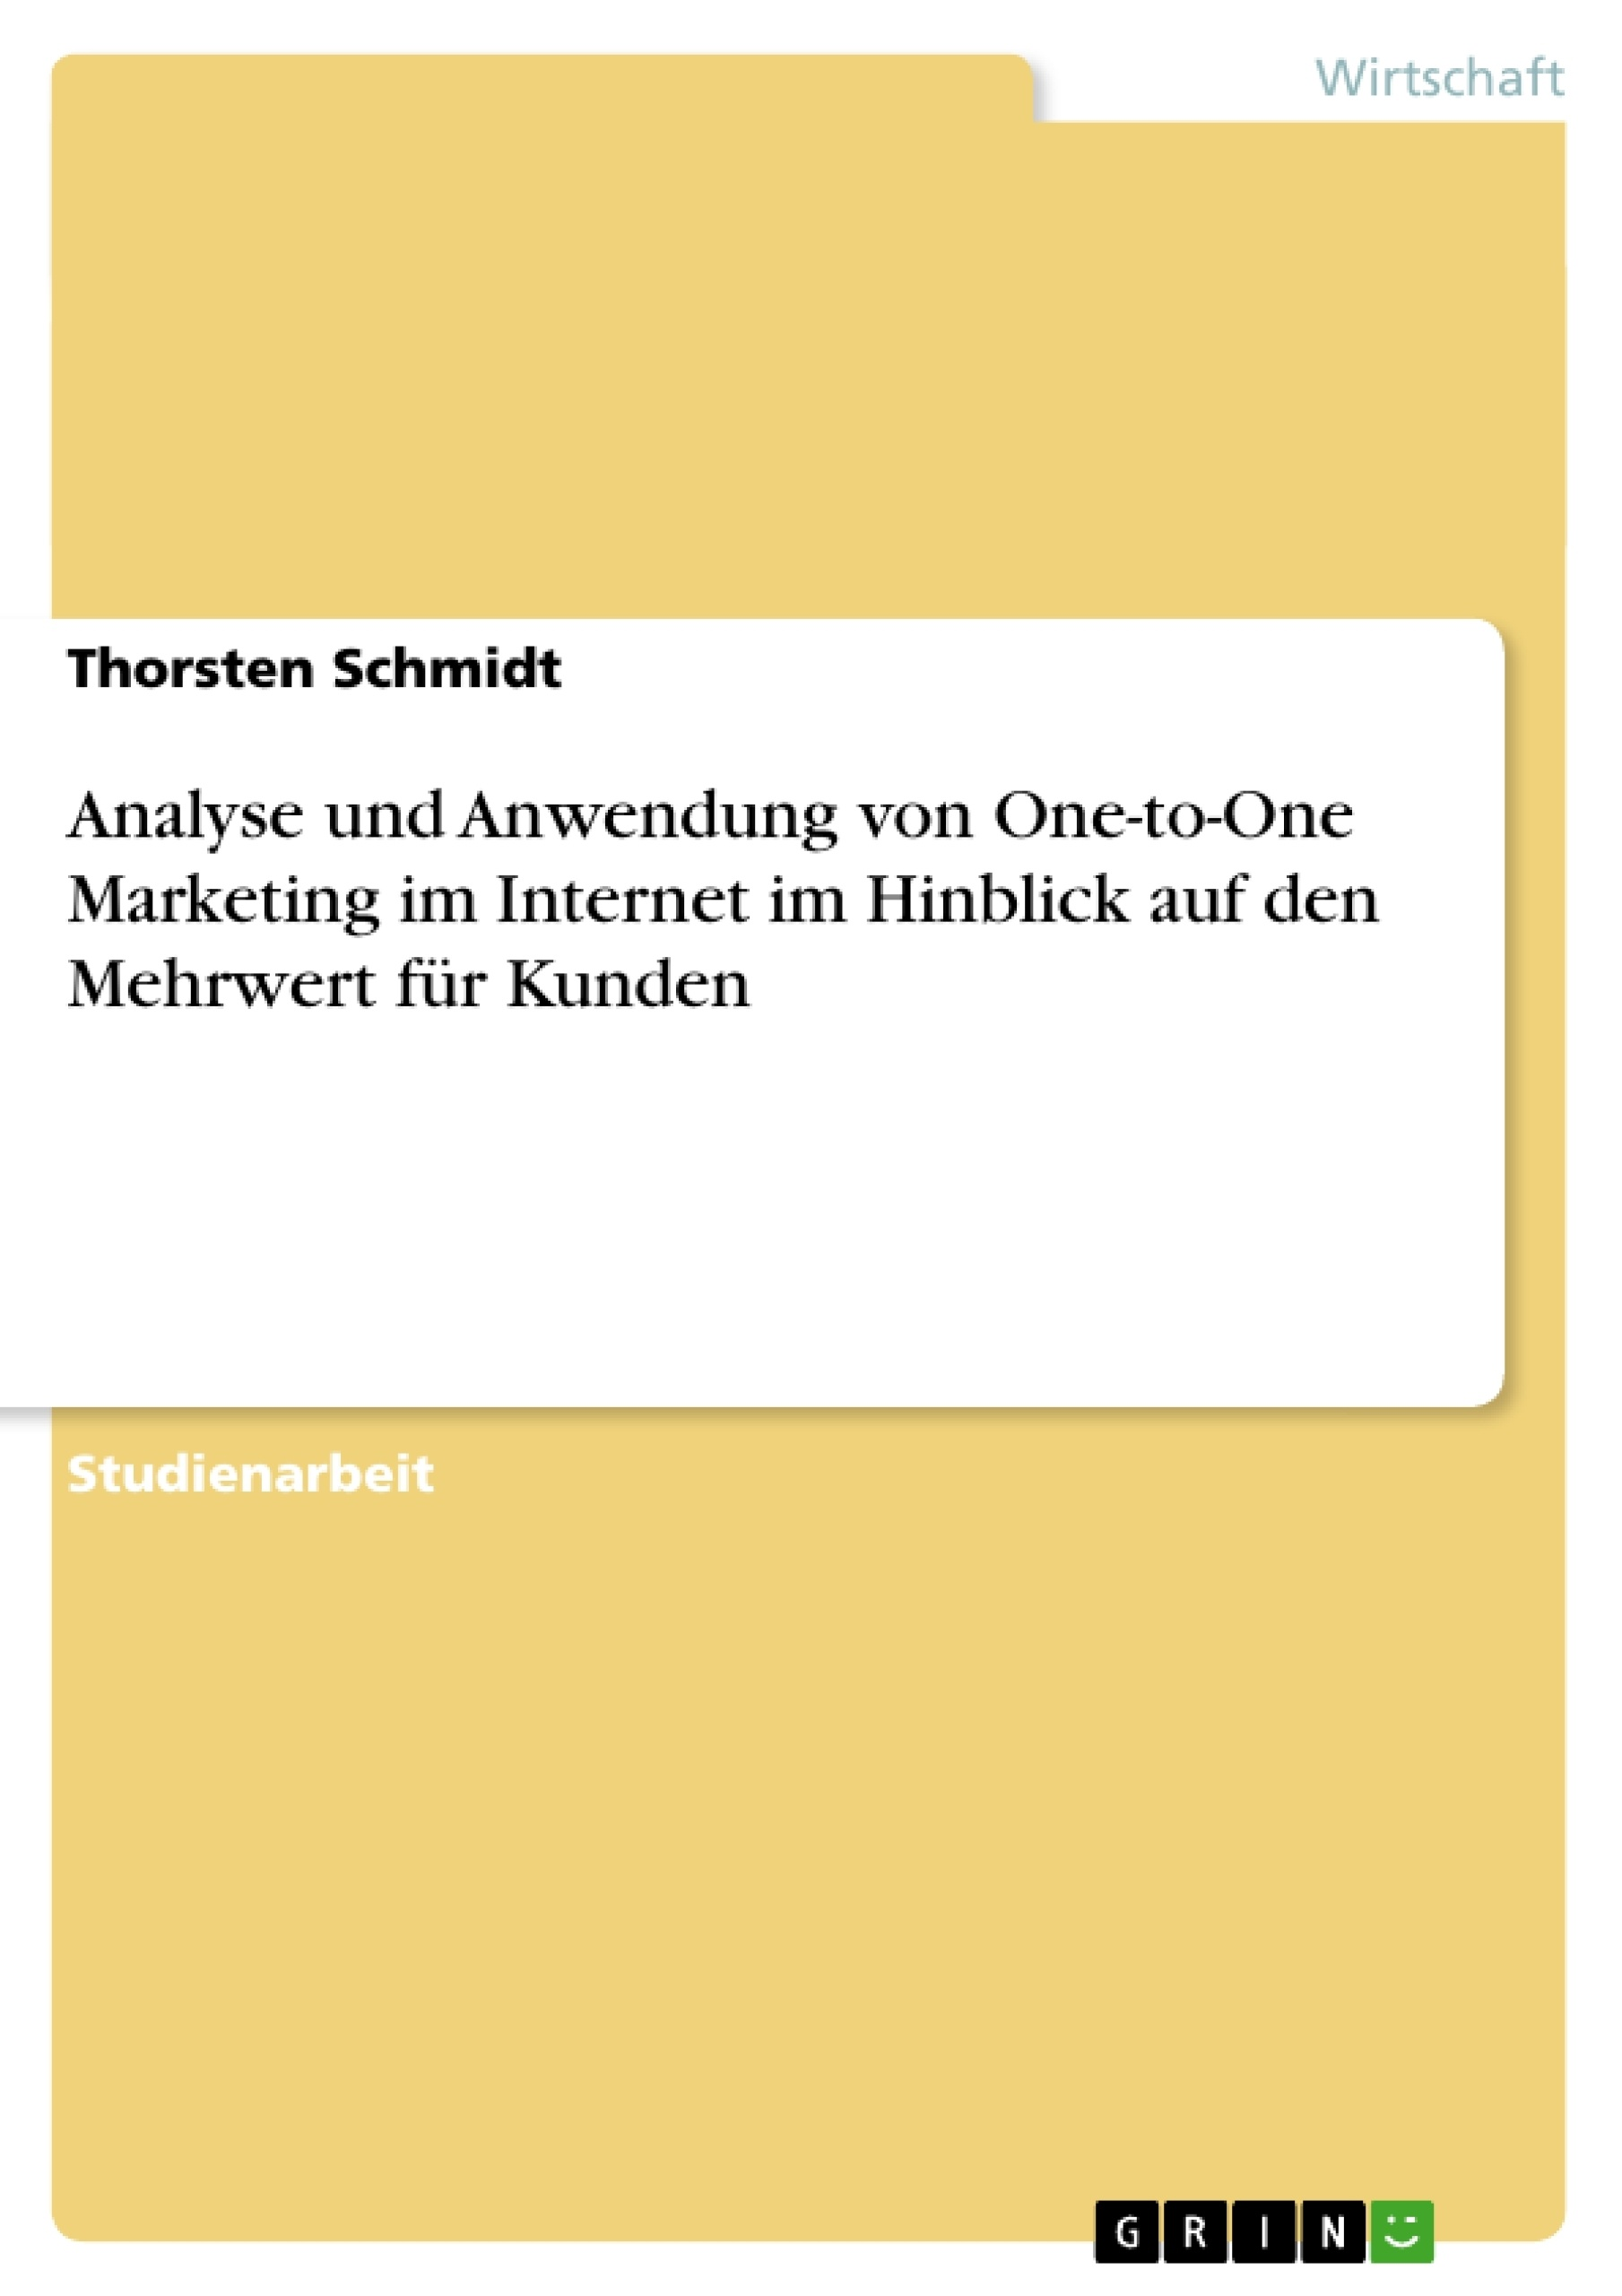 Titel: Analyse und Anwendung von One-to-One Marketing im Internet im Hinblick auf den Mehrwert für Kunden